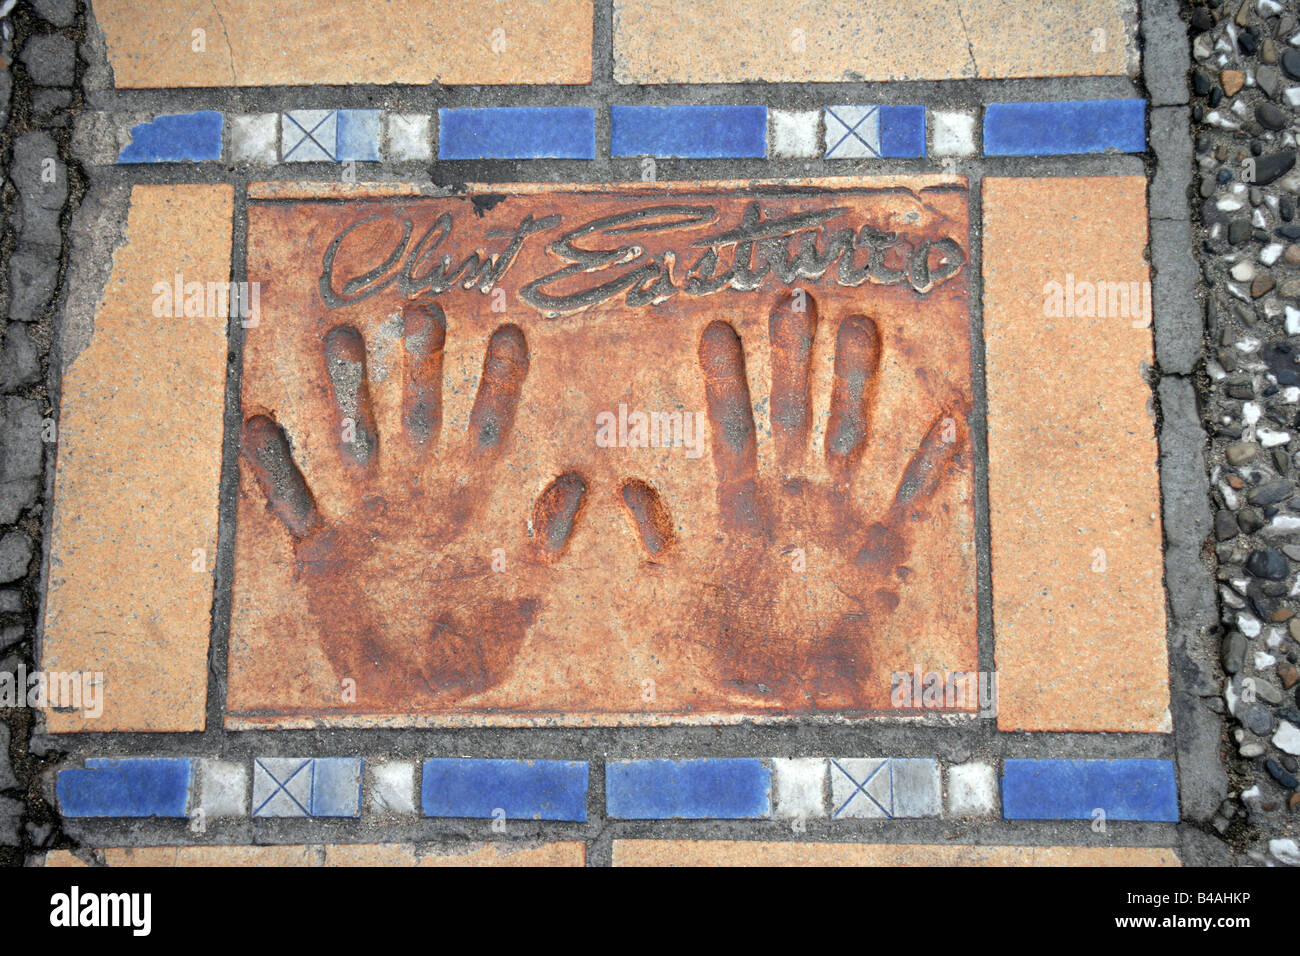 Clint Eastwood s palm prints on La Croisette Cannes France - Stock Image